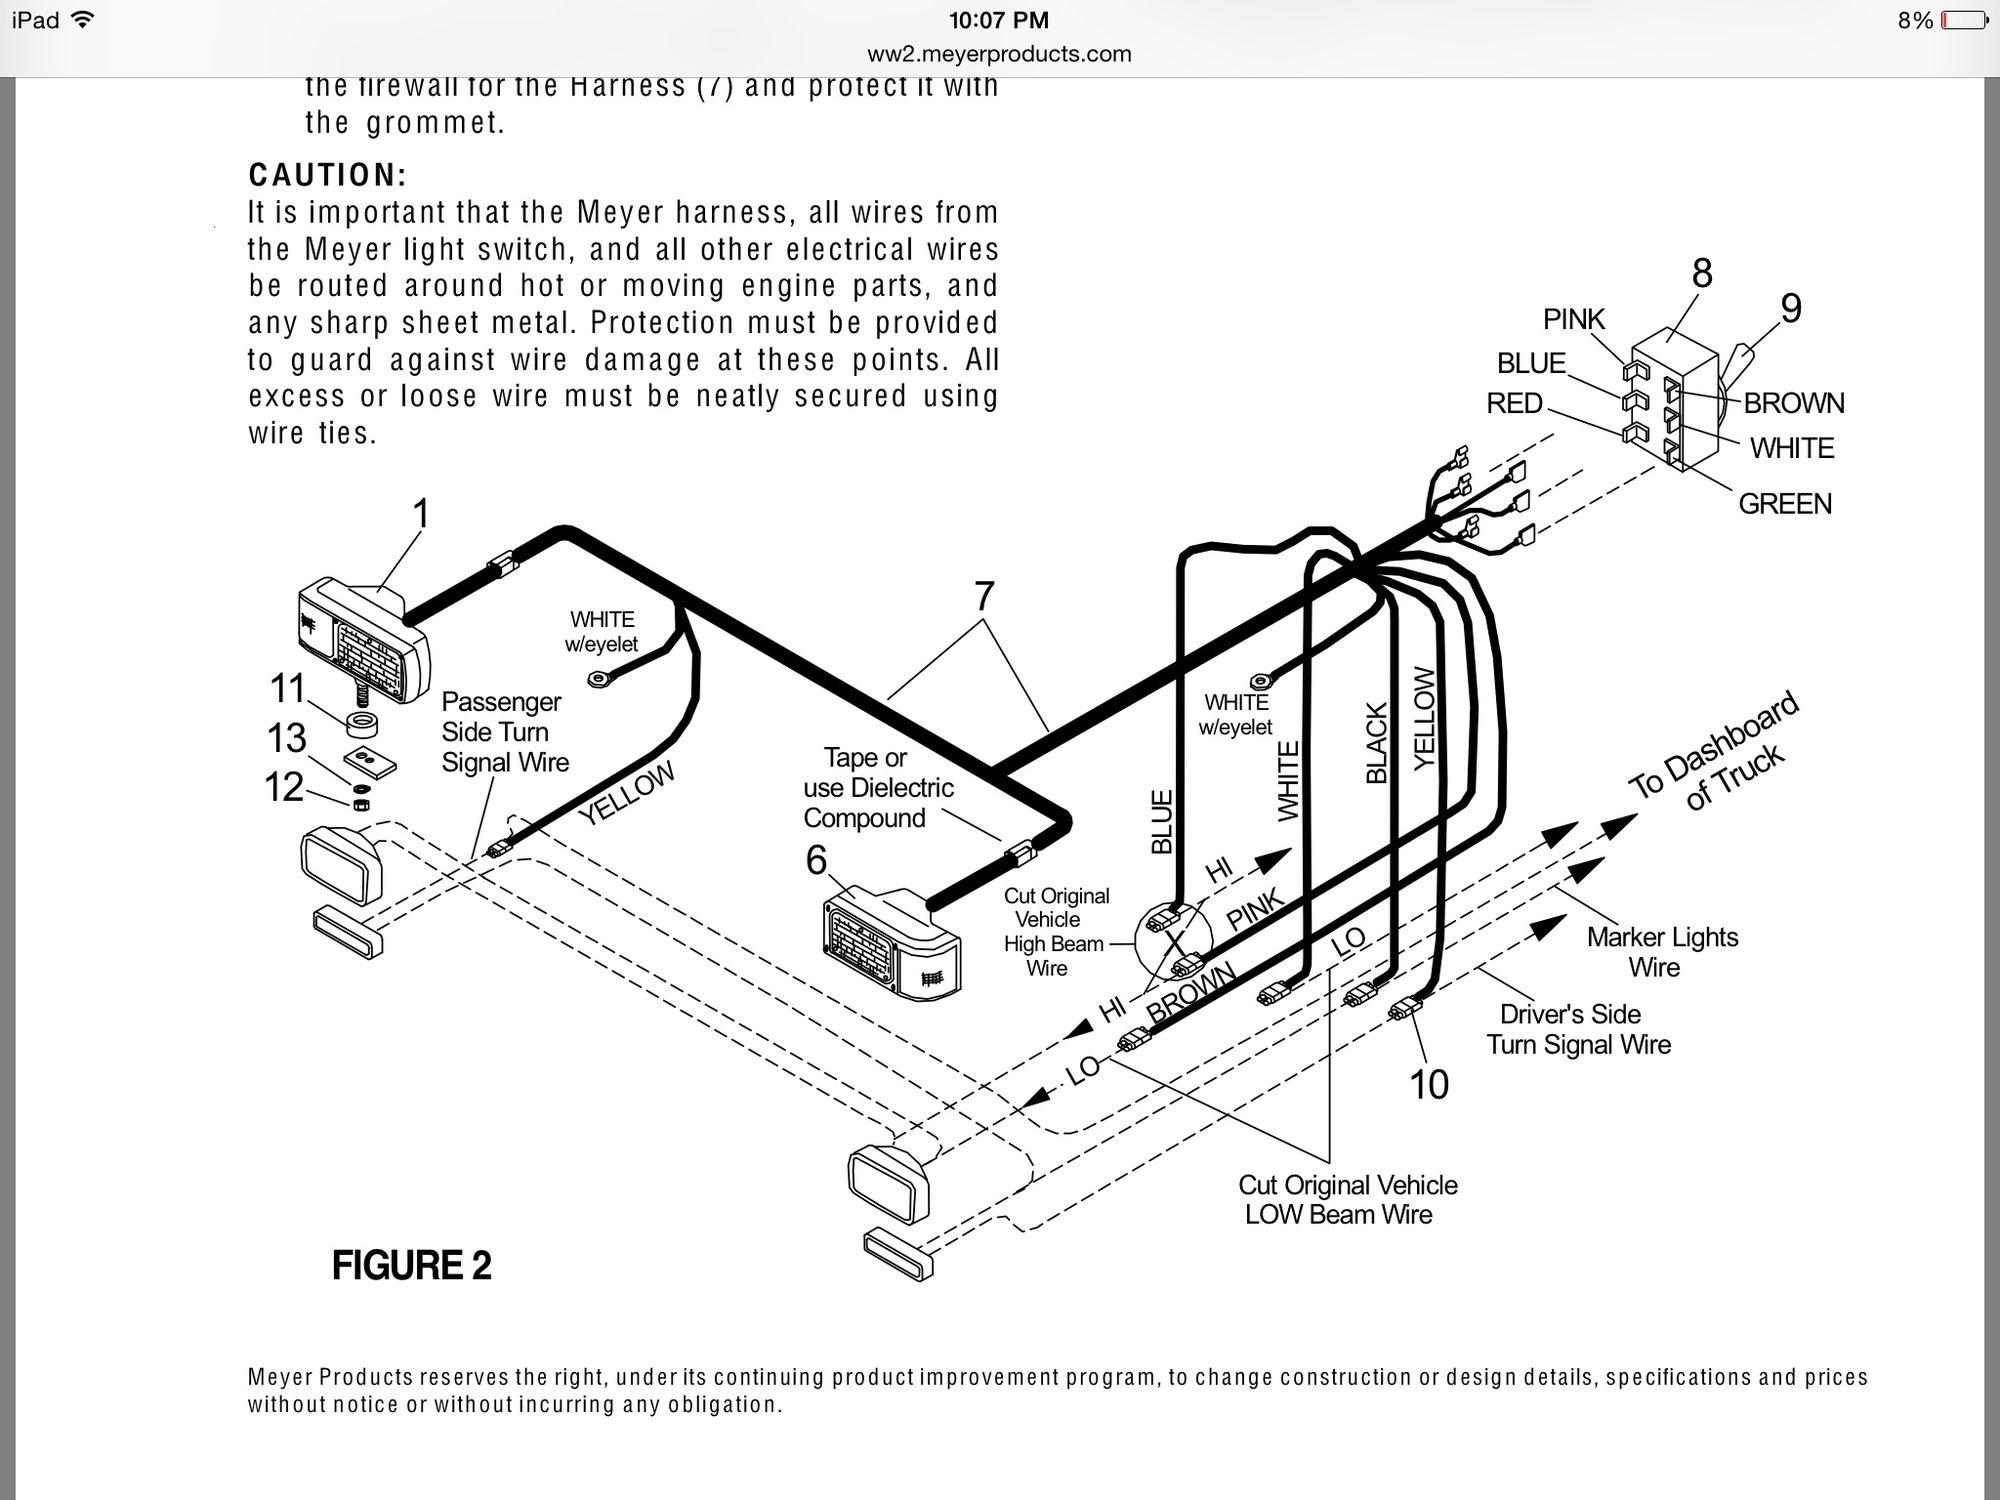 80 image_d2a41c7b479943746e9b424d758ff90430596783?resize\\\\\\\\\=665%2C499\\\\\\\\\&ssl\\\\\\\\\=1 1949 chevy wiring harness wiring diagrams 1996 chevy wiring harness at alyssarenee.co